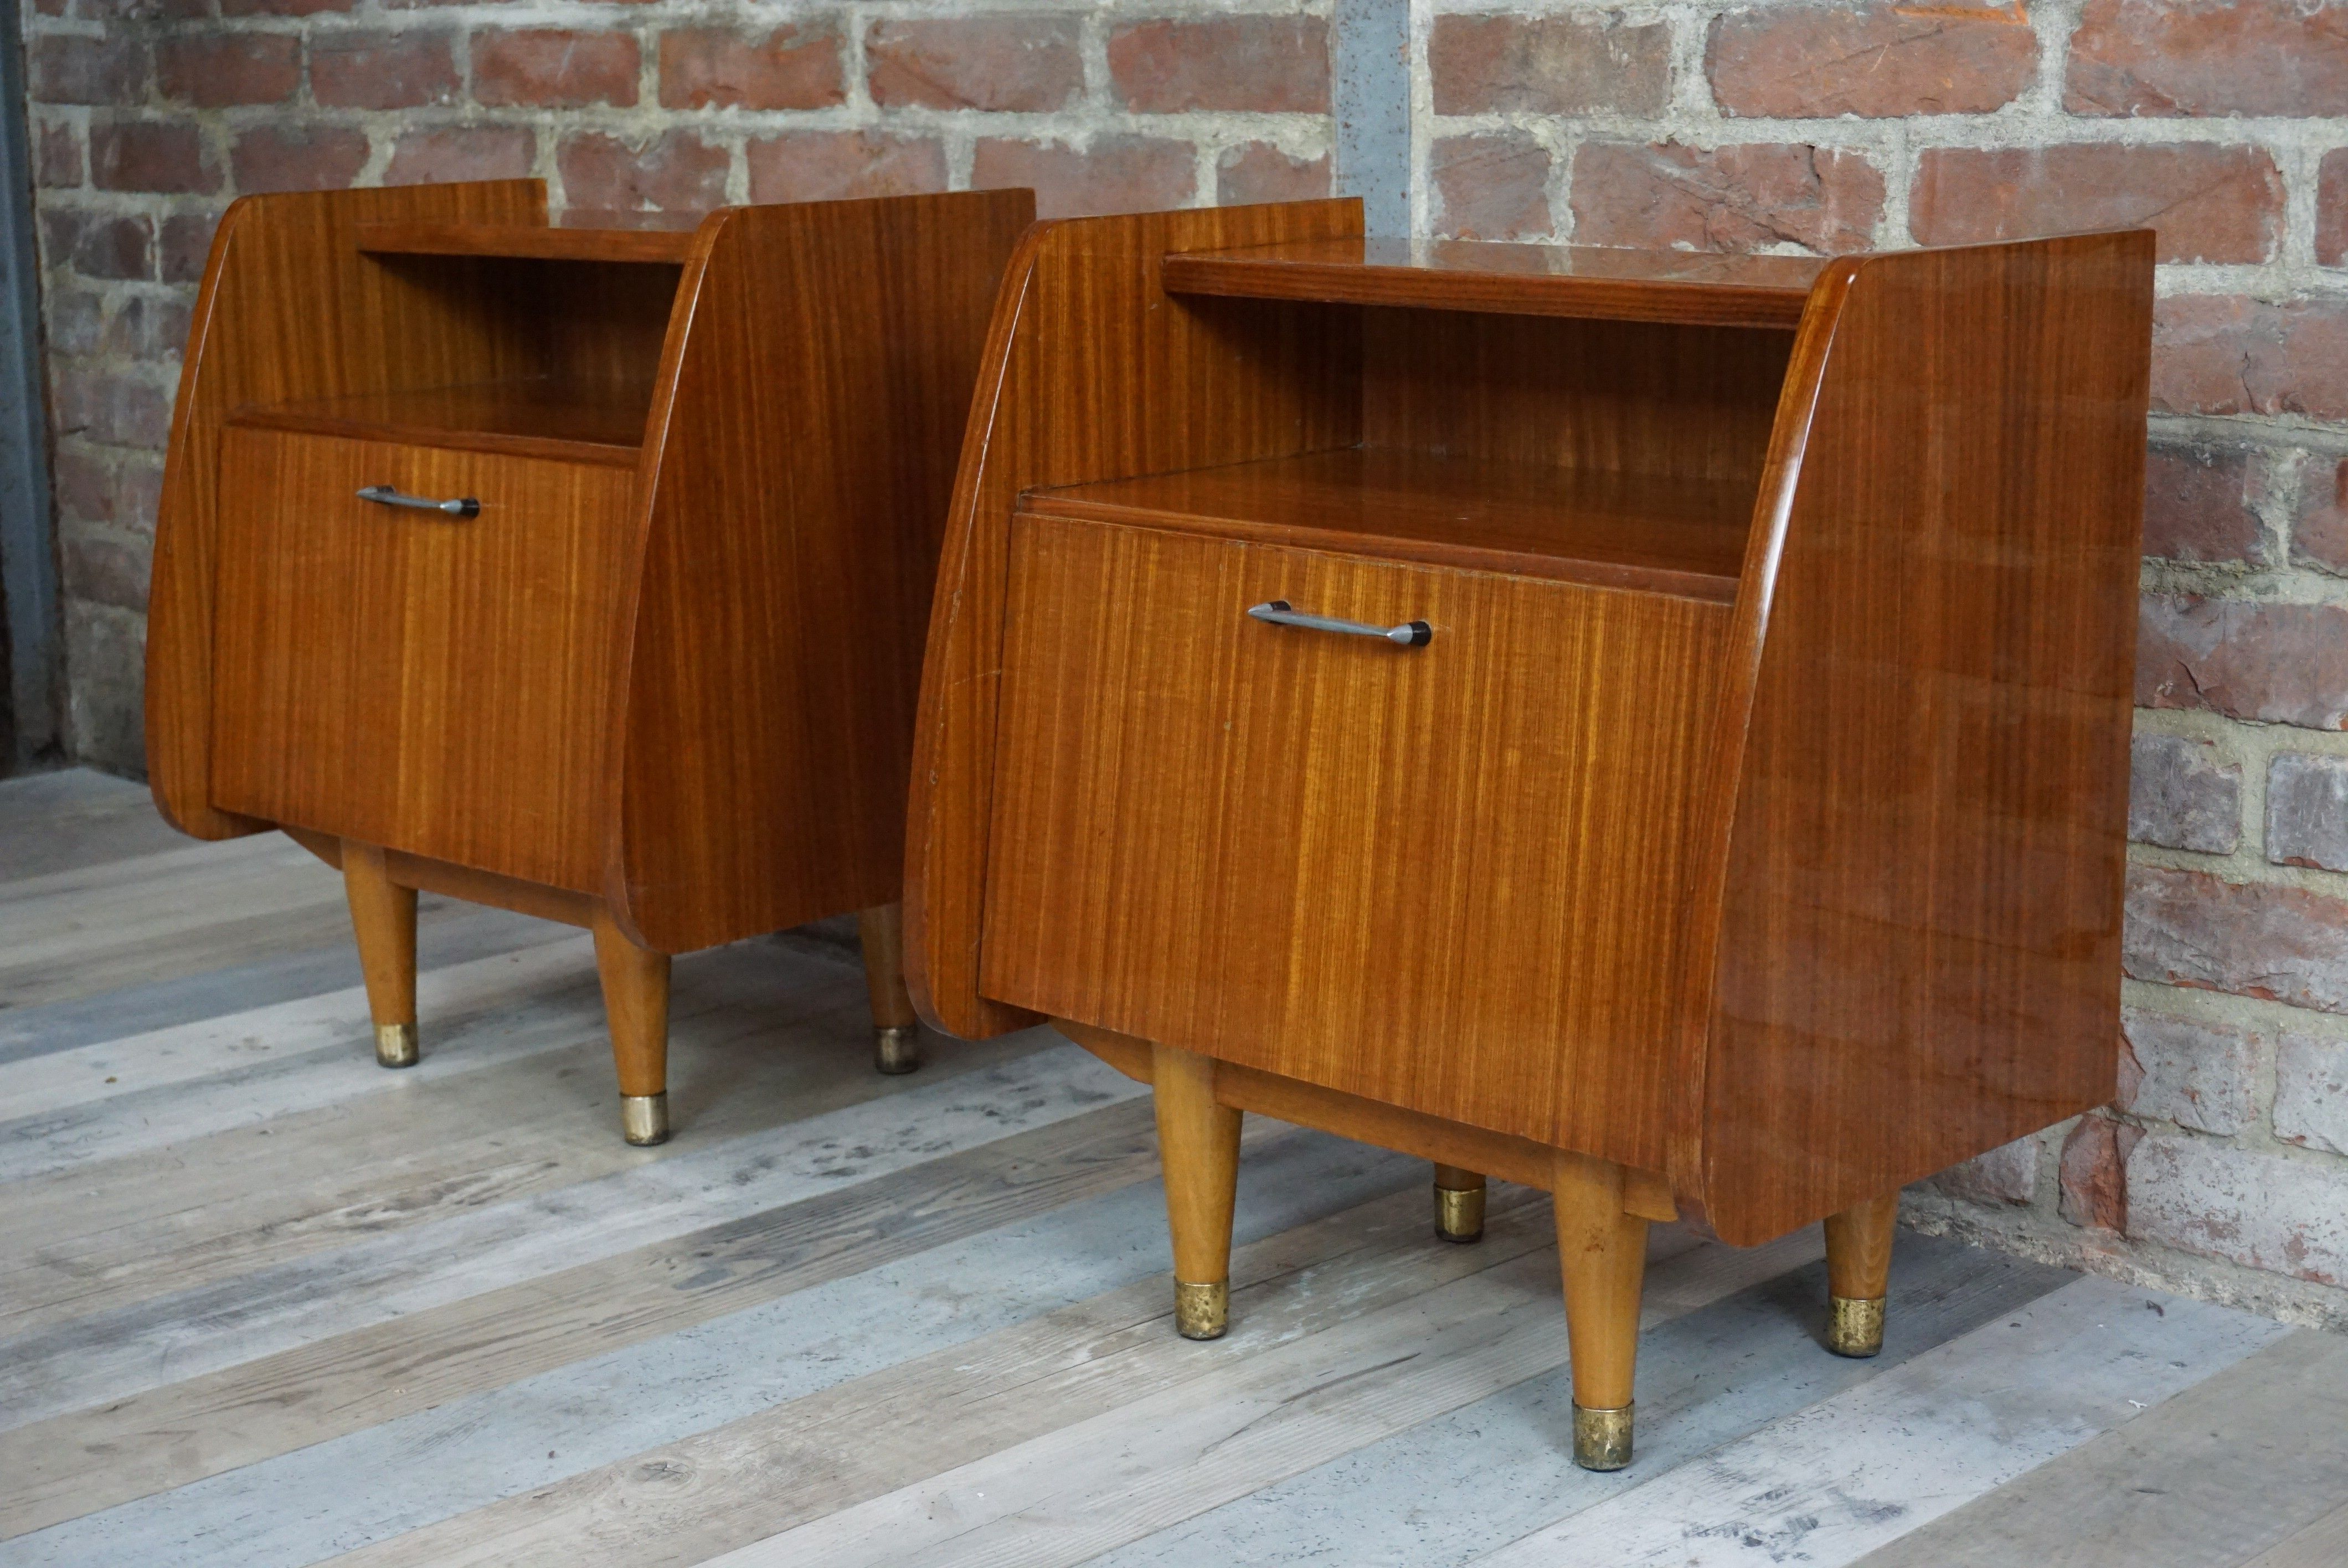 Paire De Tables De Chevets Annees 50 En Bois D Occasion Vintage Design Scandinave Industriel Ancien Vendu Sur Collector Chic De Table De Chevet Chevet Bois